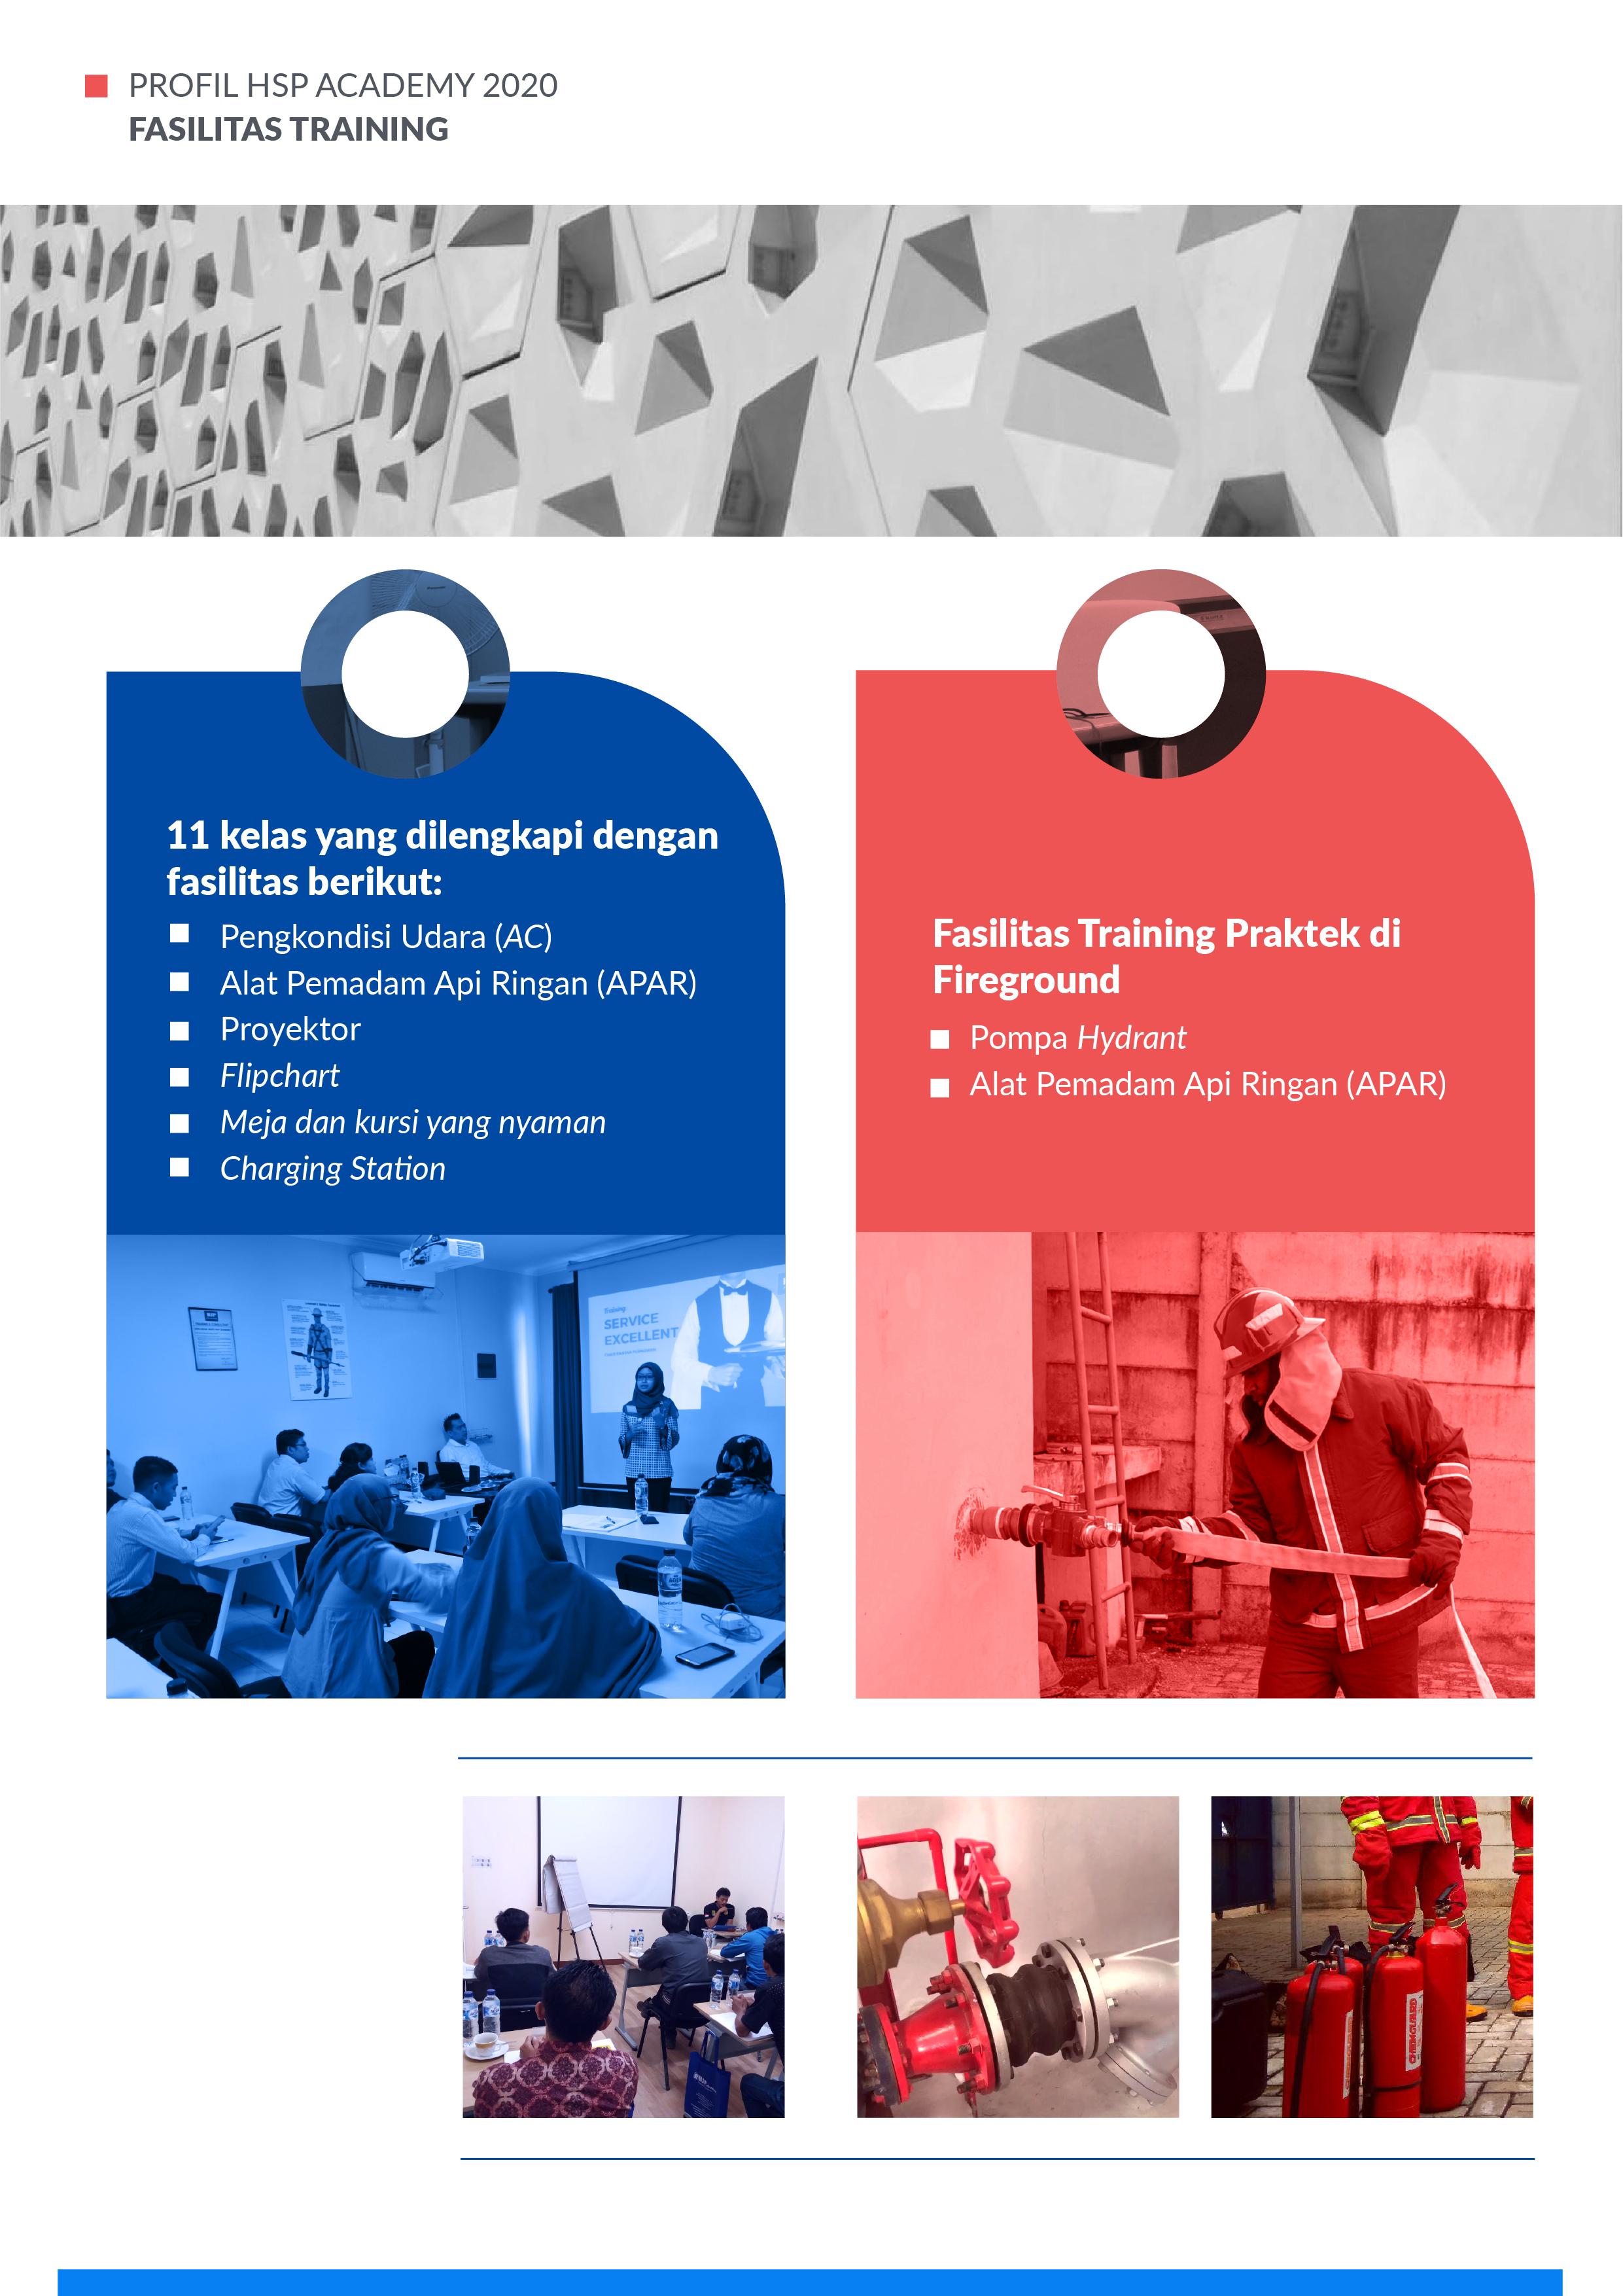 Profil Perusahaan HSP Academy 2020 - Bagian 1-09